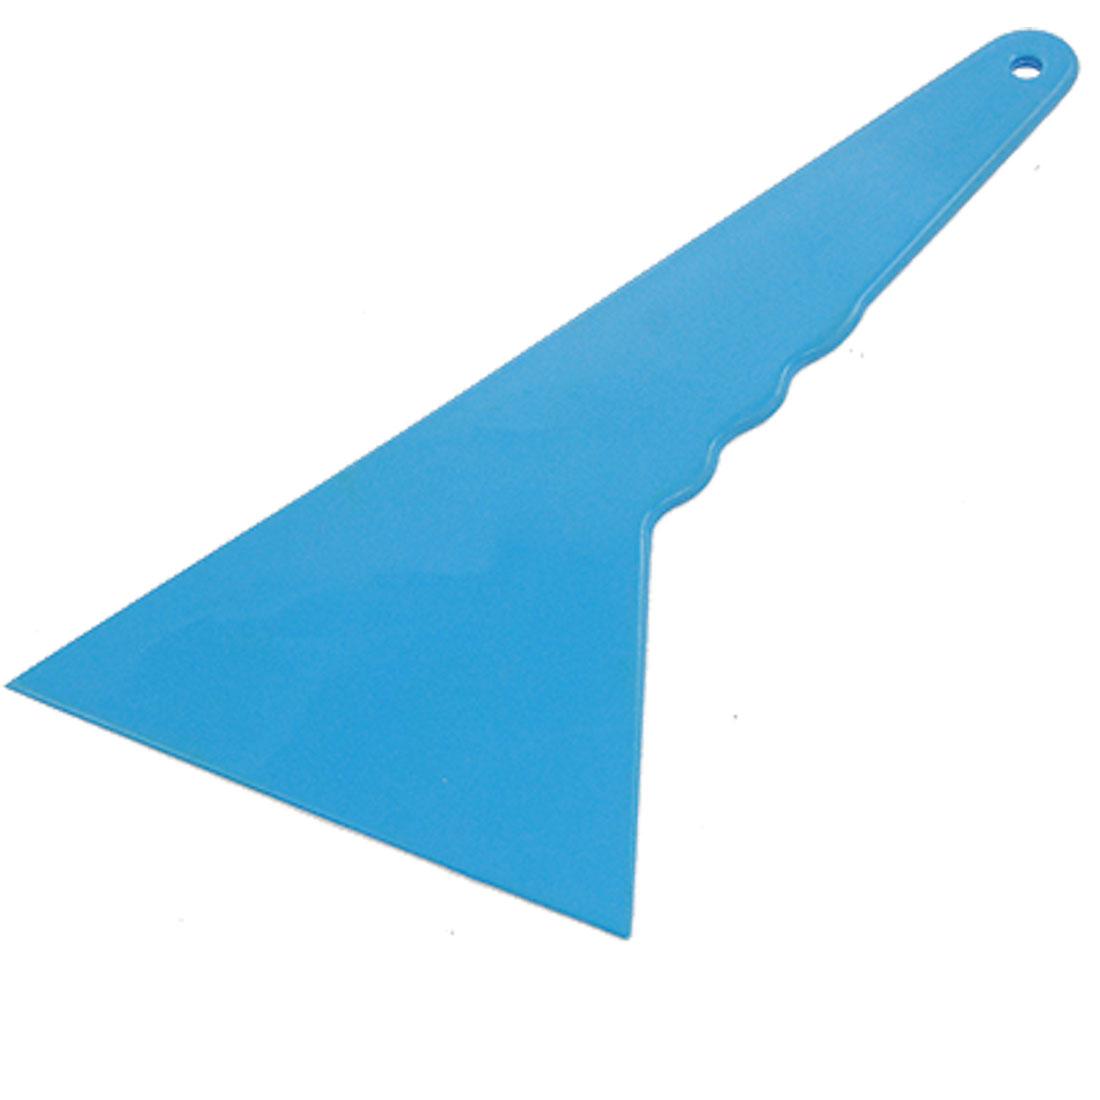 Blue Plastic Window Windshield Tint Film Scraper for Car Auto